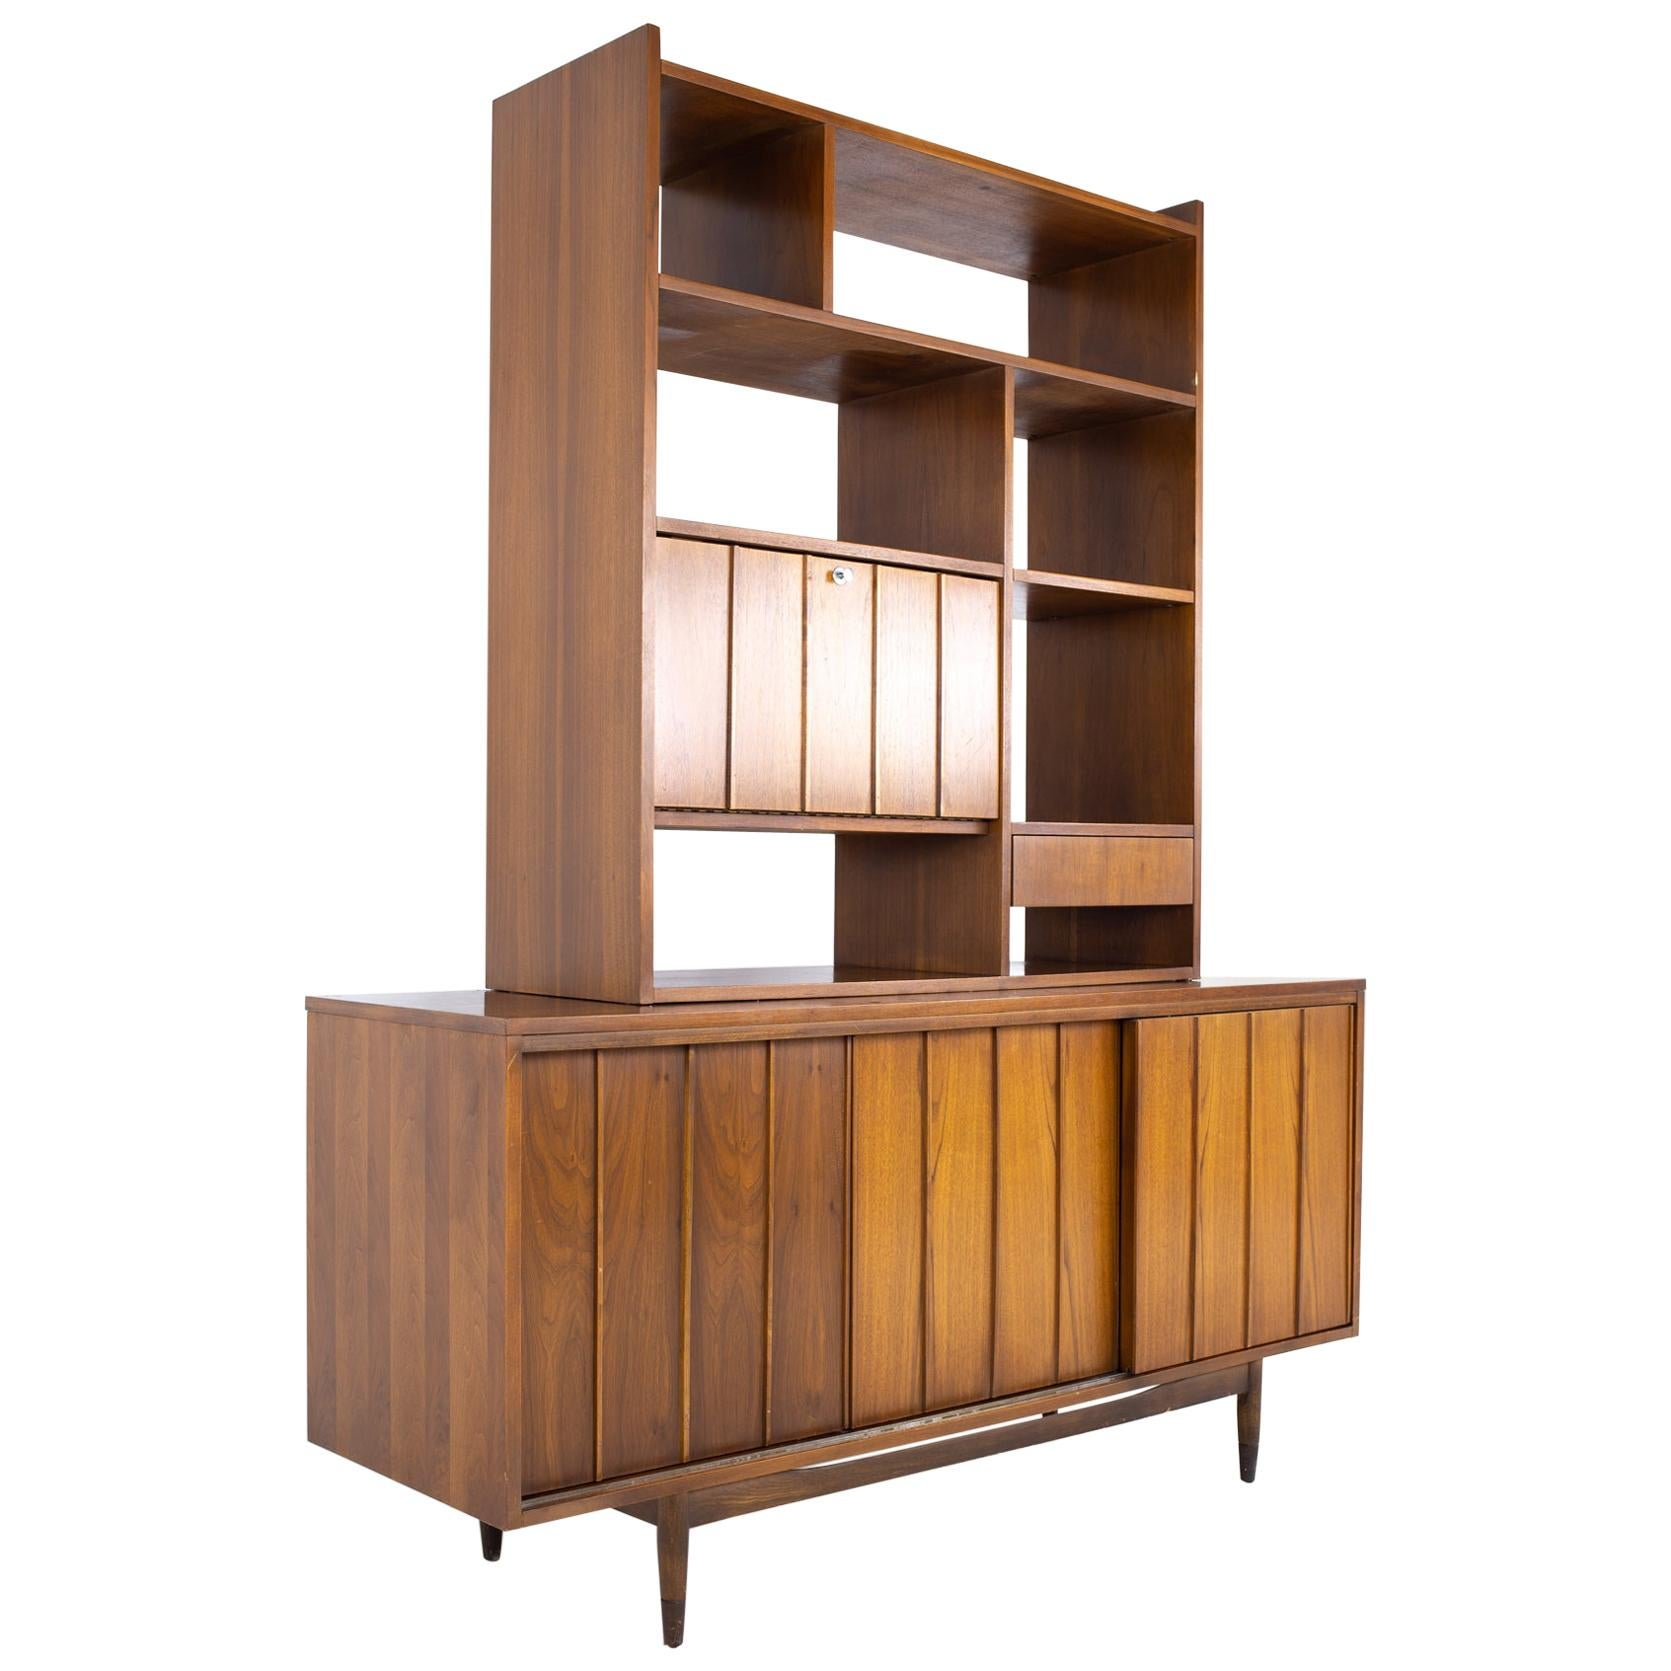 Mid Century Sliding Door Credenza with Bookcase Hutch